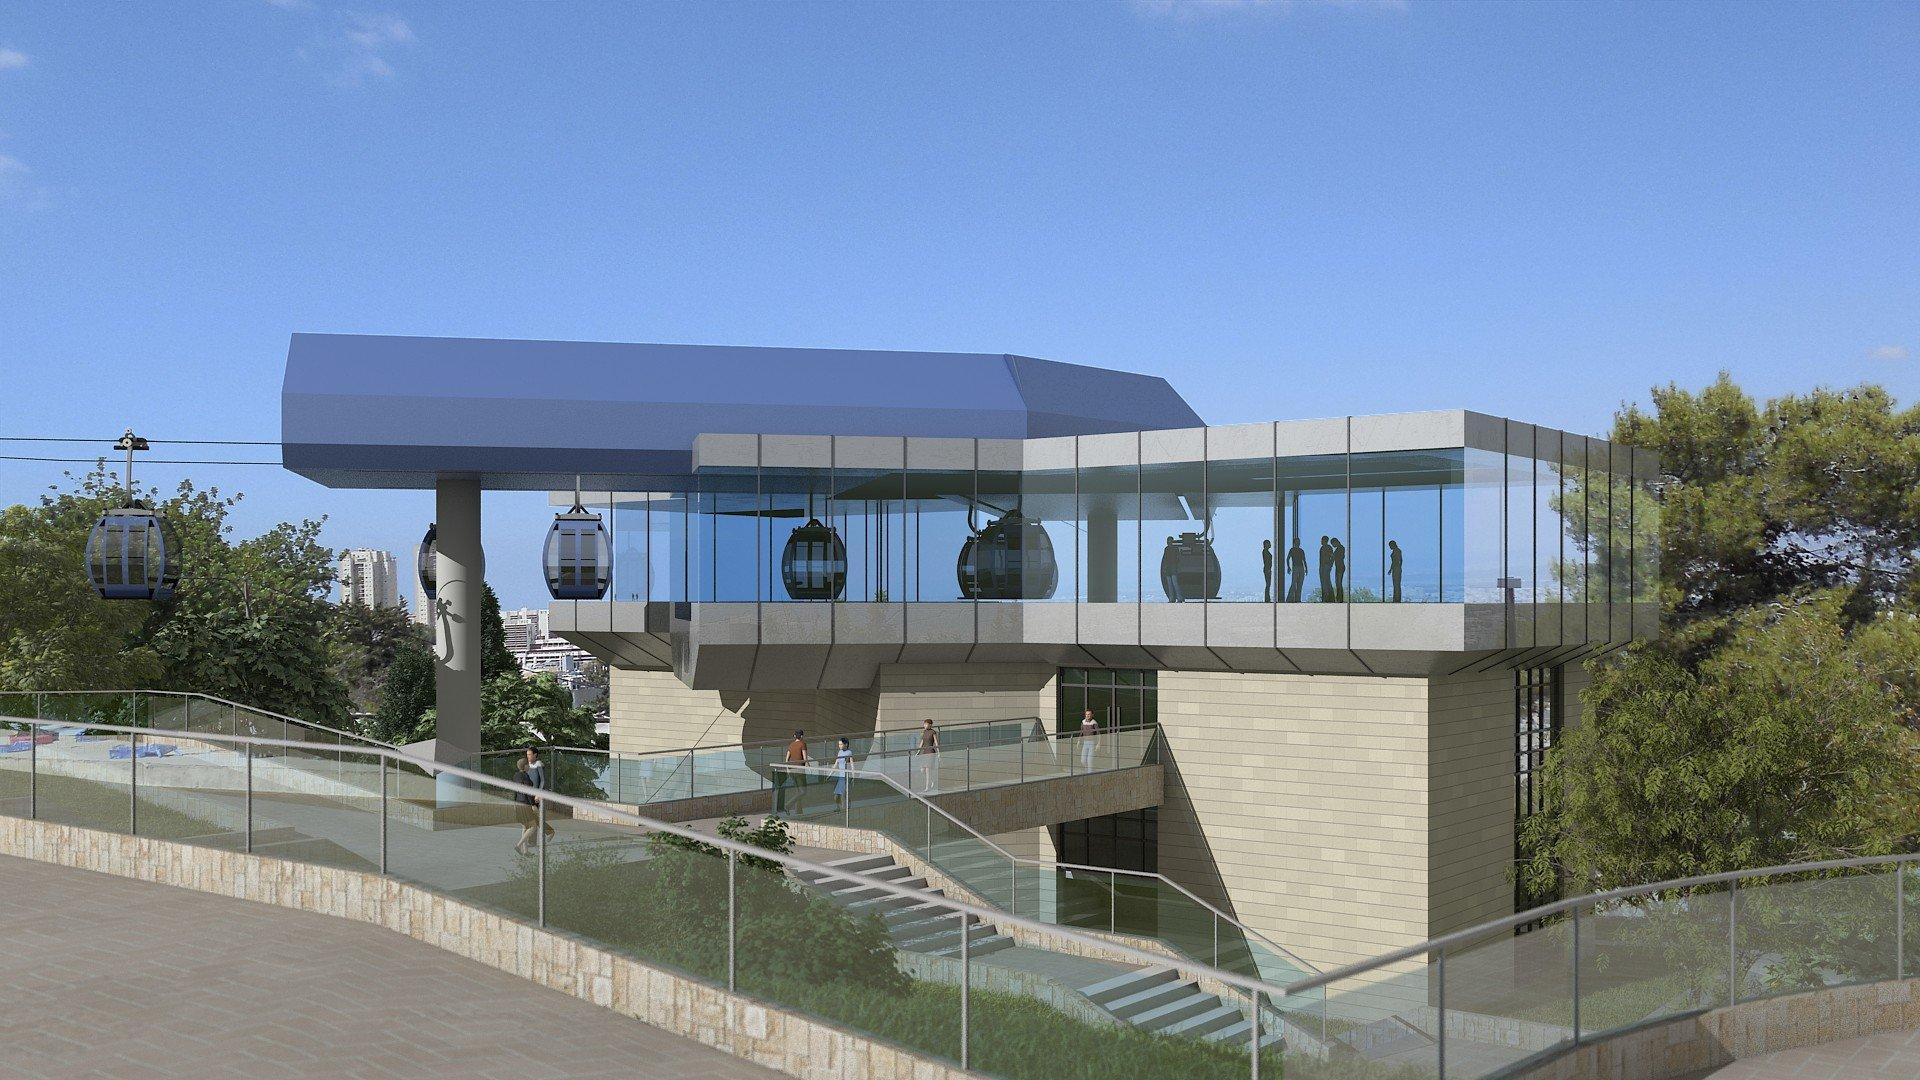 رخباليت هو الأسم الذي تم اختياره للقطار الهوائي (الرخبال)  من ليف همفراتس وحتى جامعة حيفا